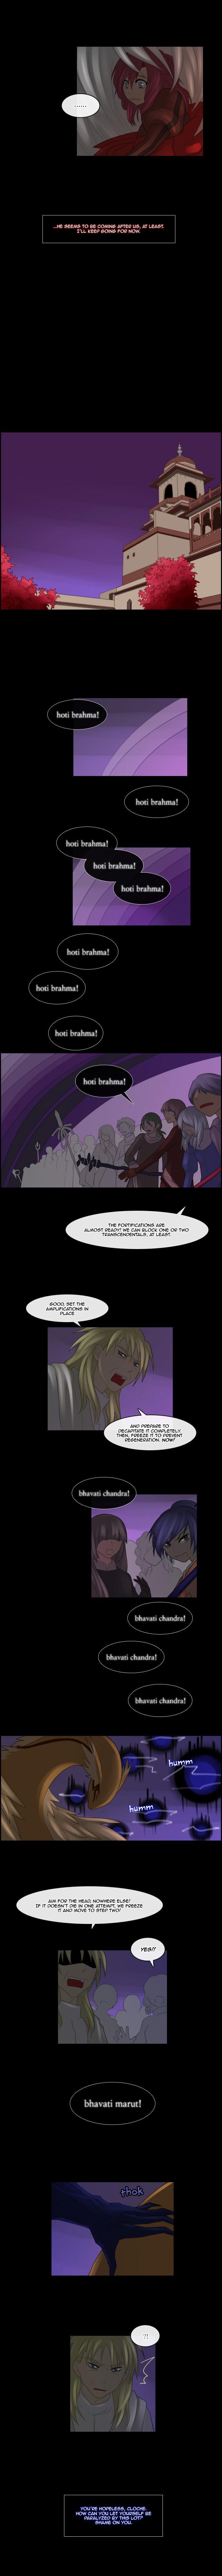 Kubera 75 Page 3